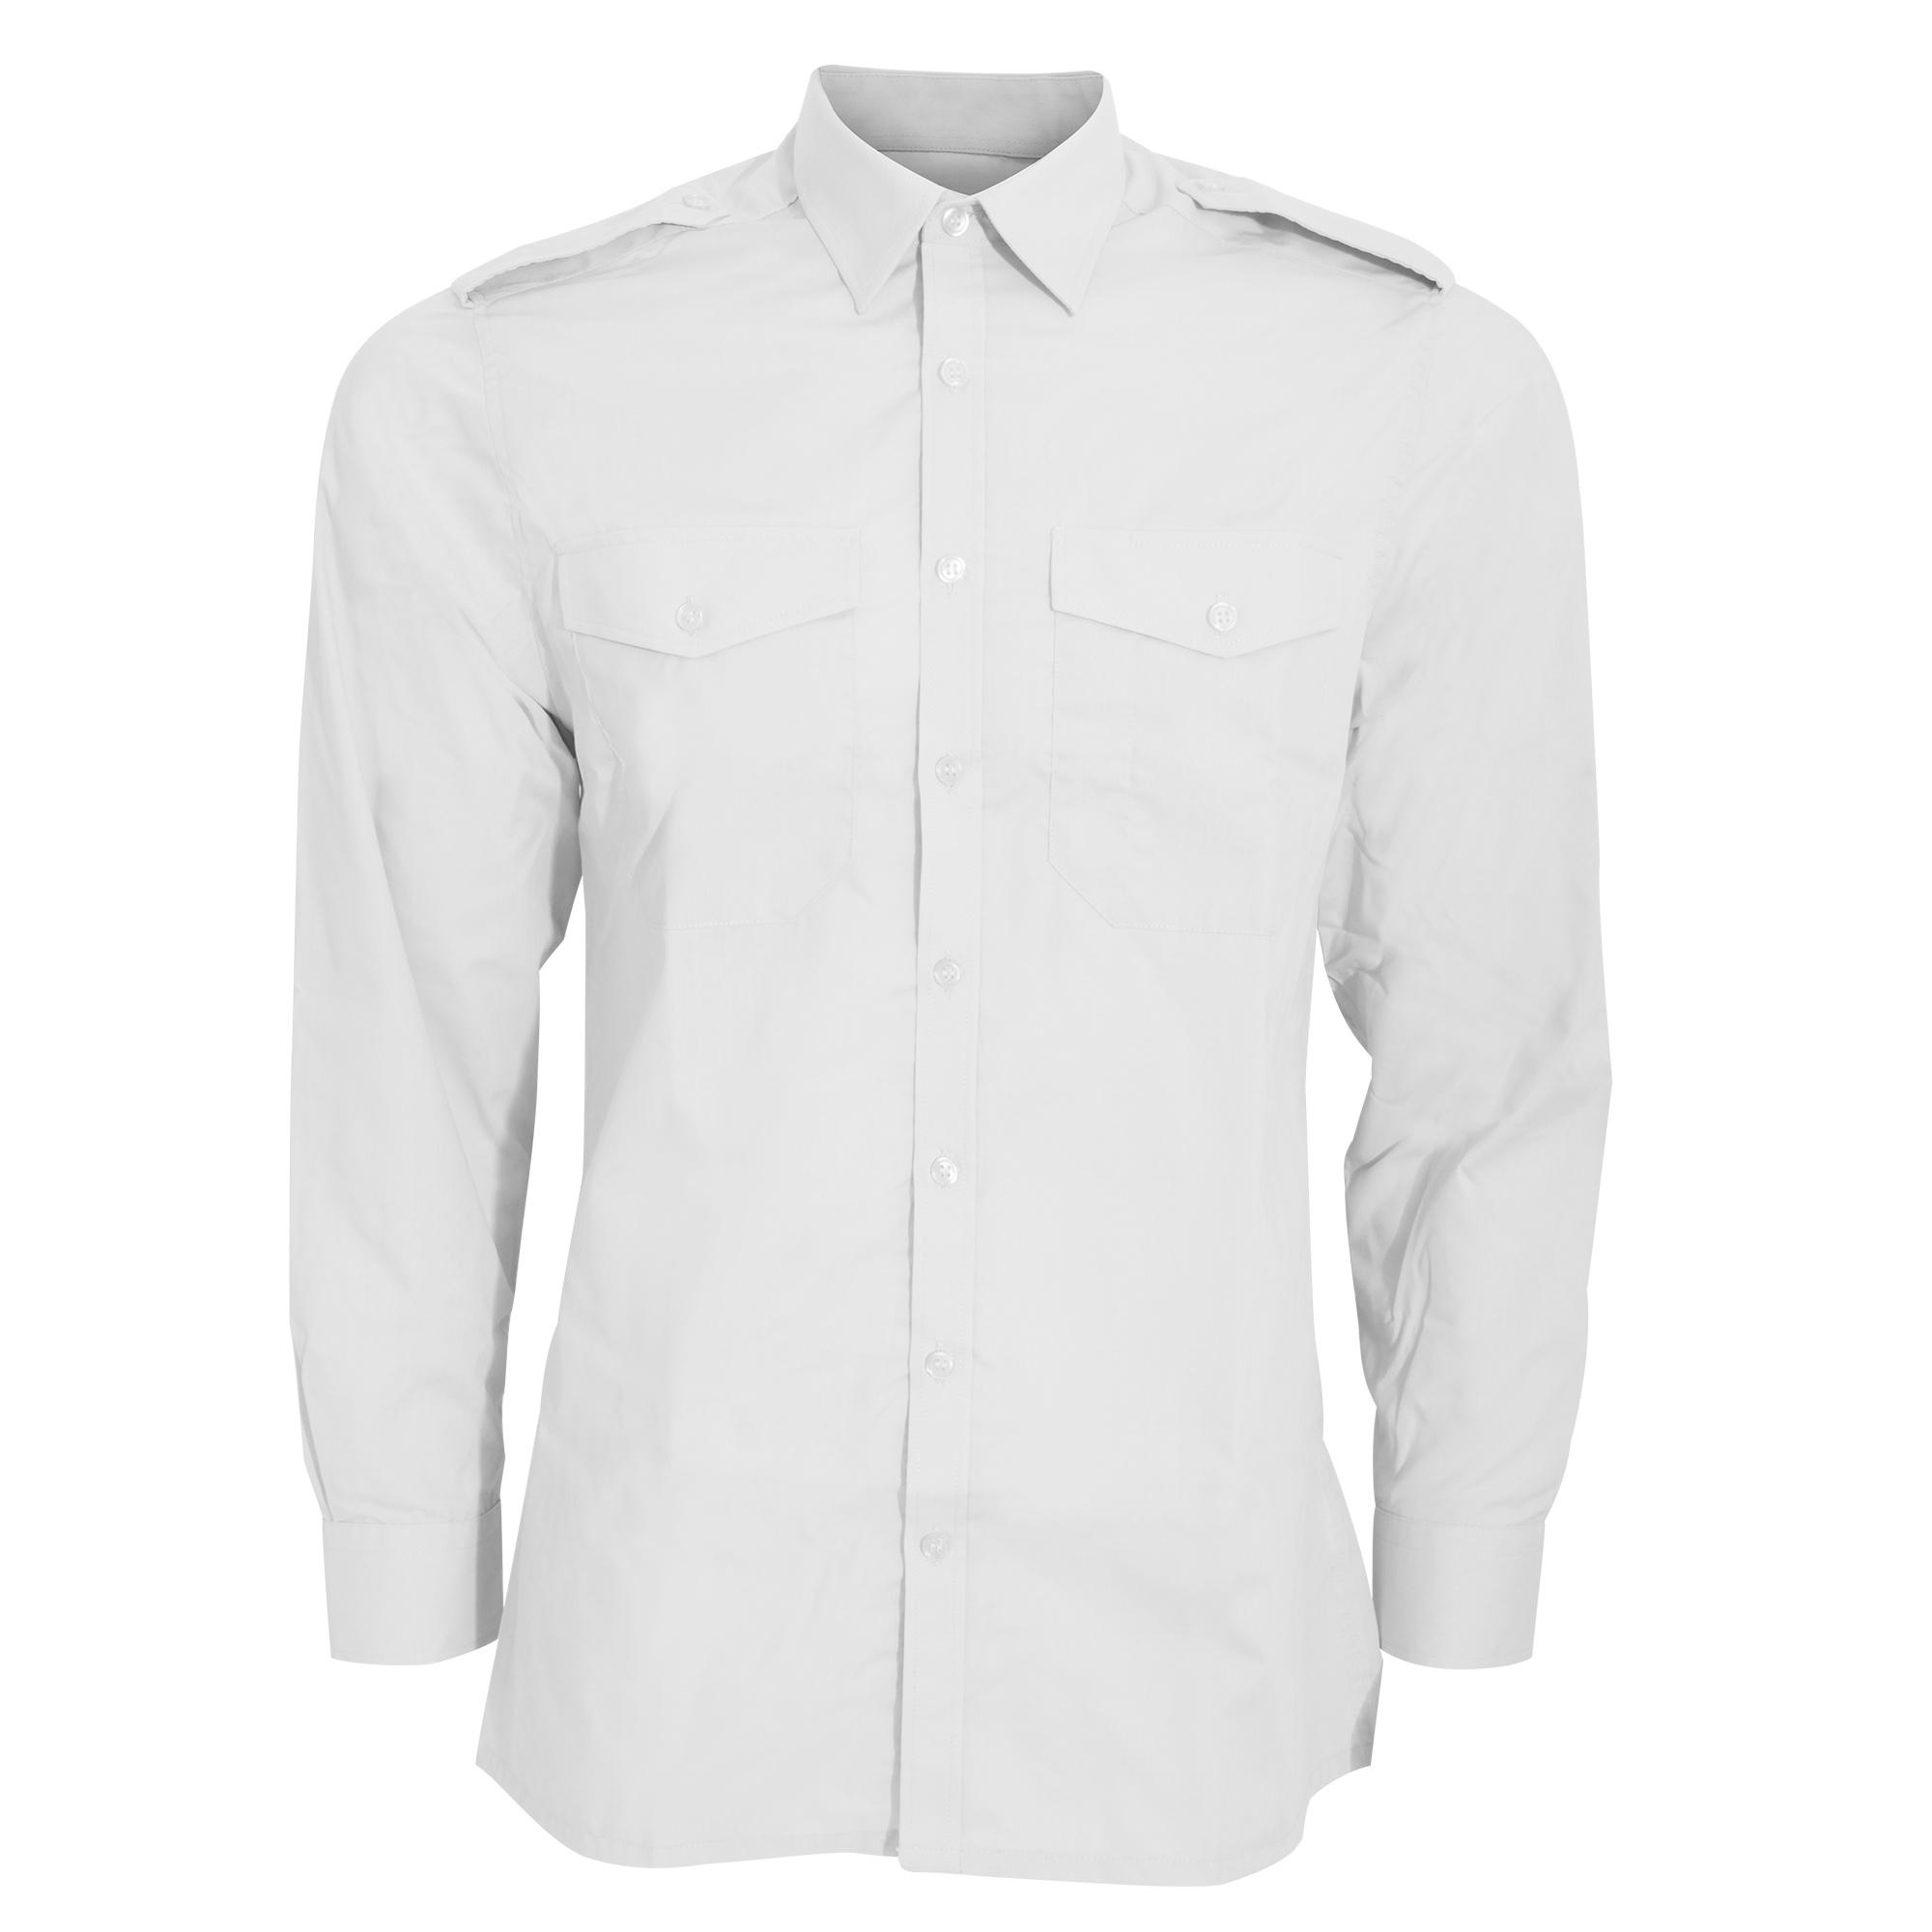 Kustom kit mens long sleeve pilot shirt white light blue for Black and blue long sleeve shirt